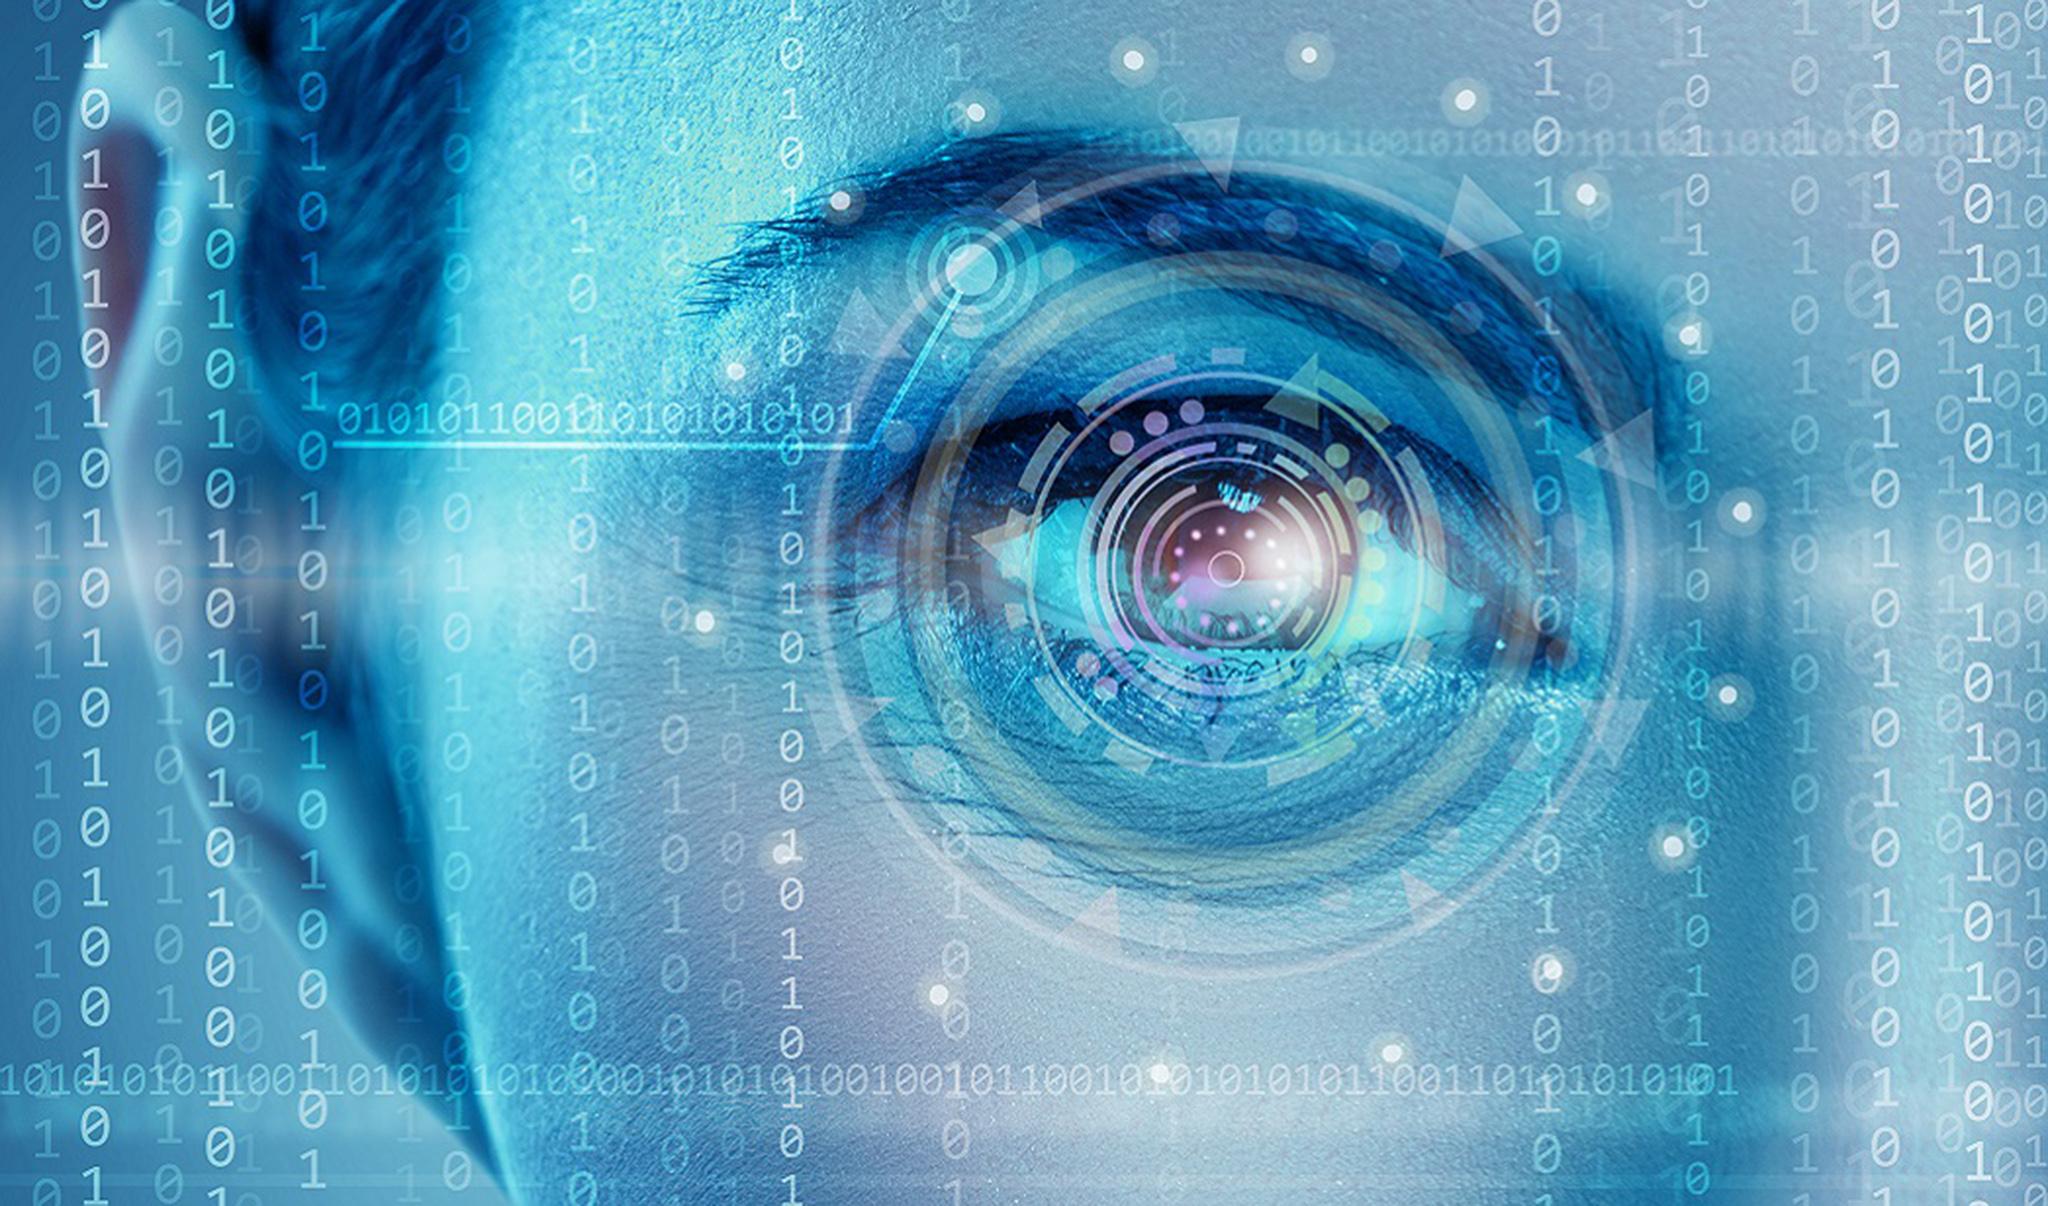 Operadora Galaxy contratou empresa para vigiar Facebook de empregados